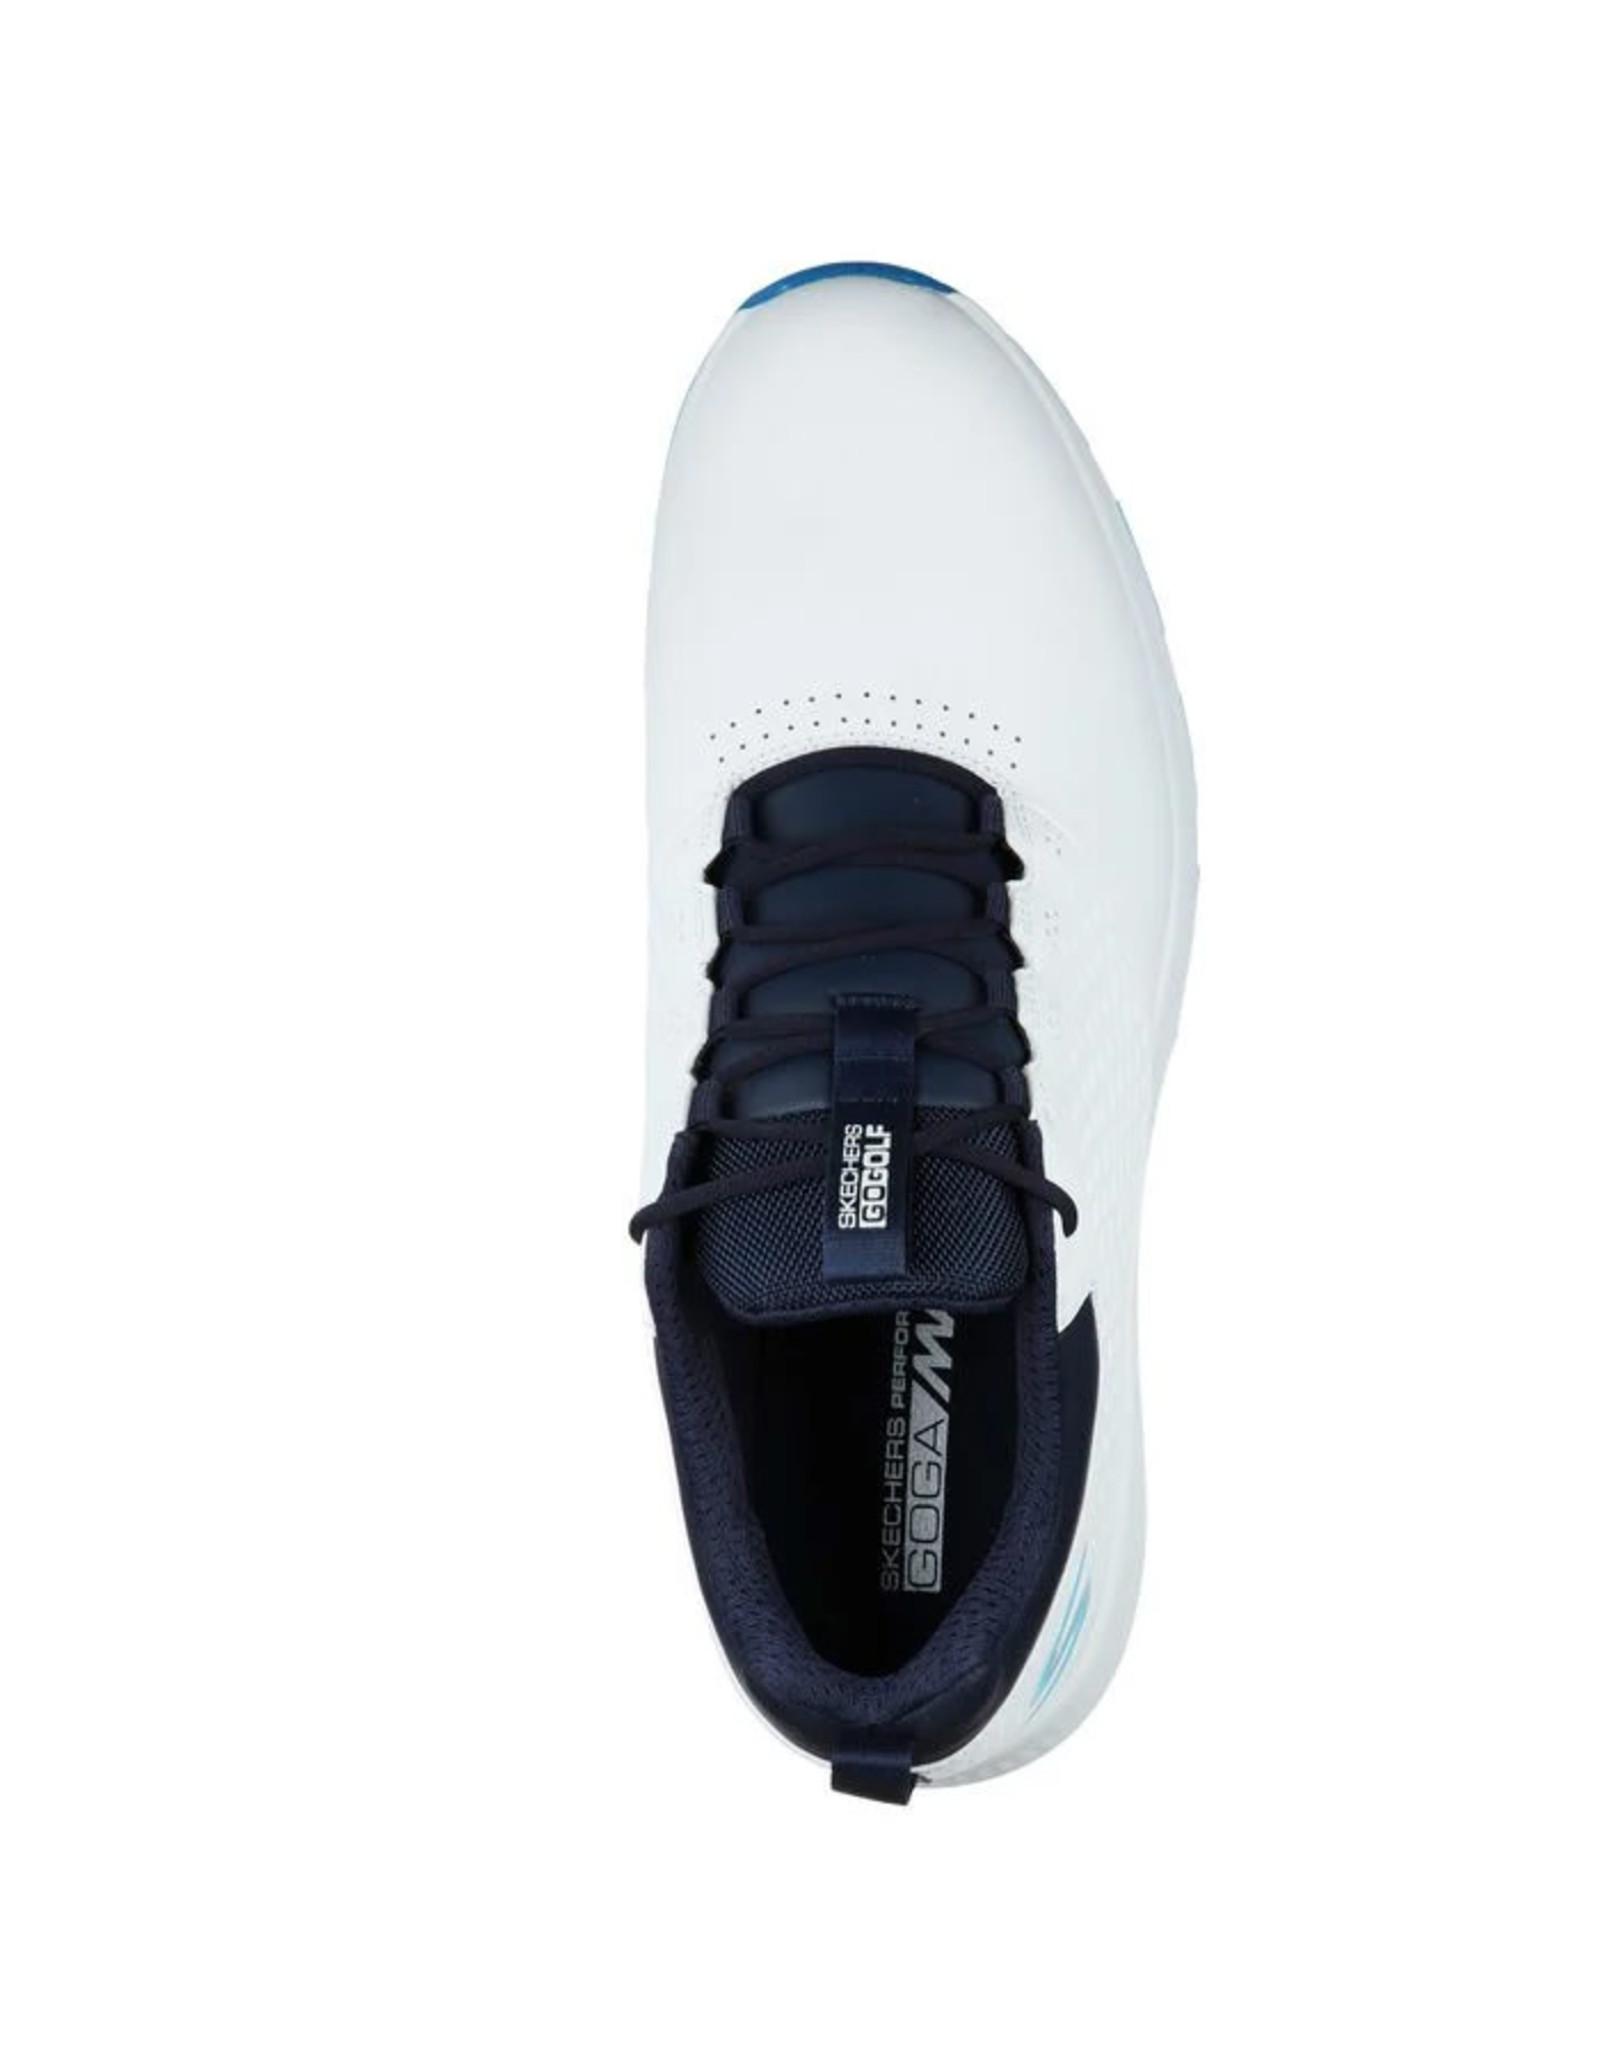 Skechers Skechers Elite 4 Men's Shoes